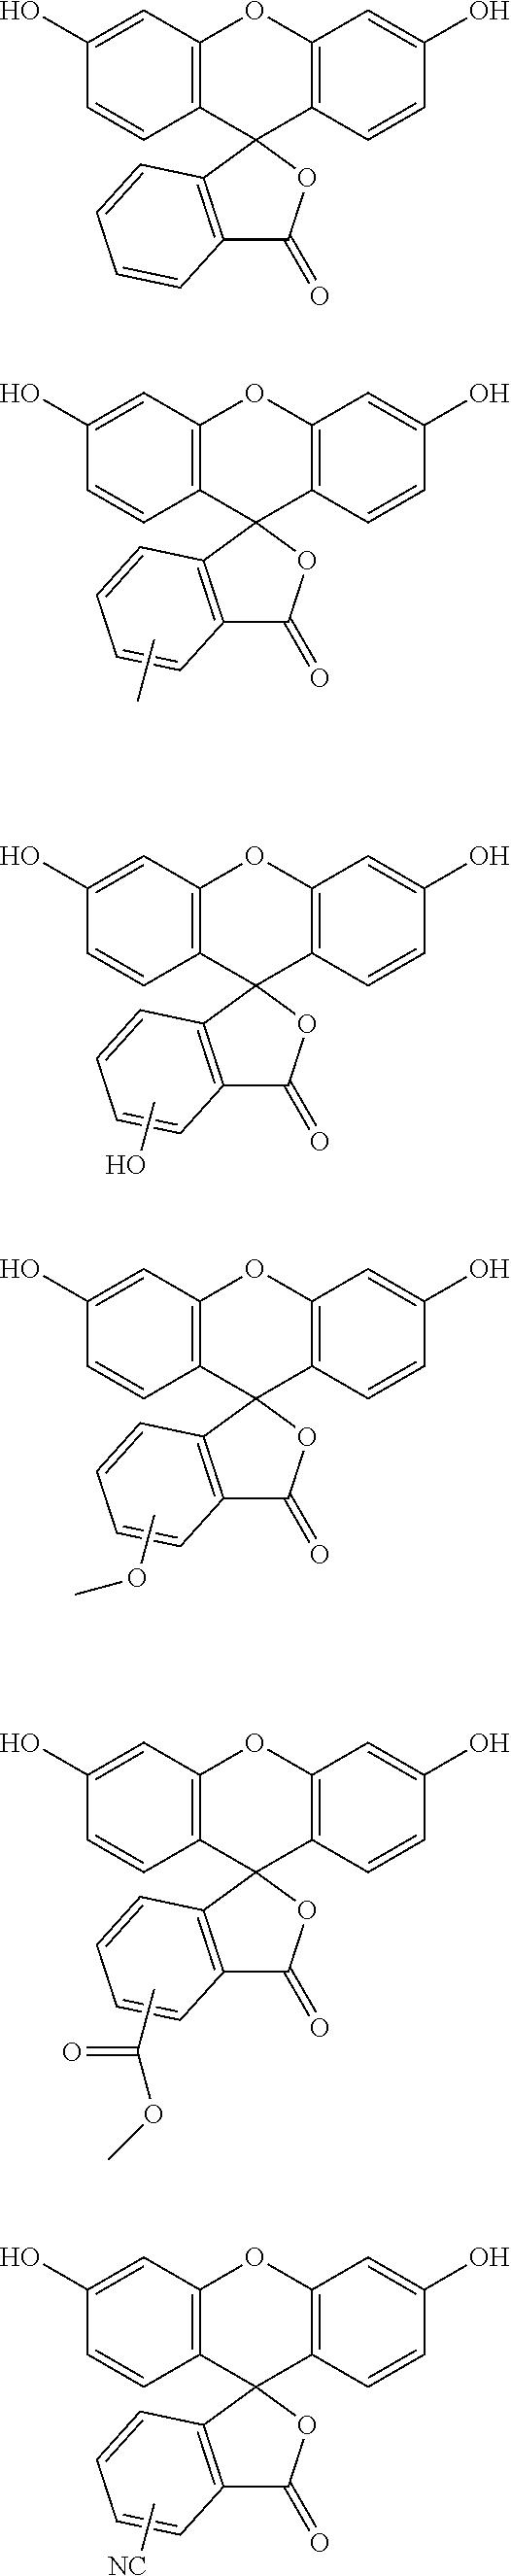 Figure US08652756-20140218-C00063